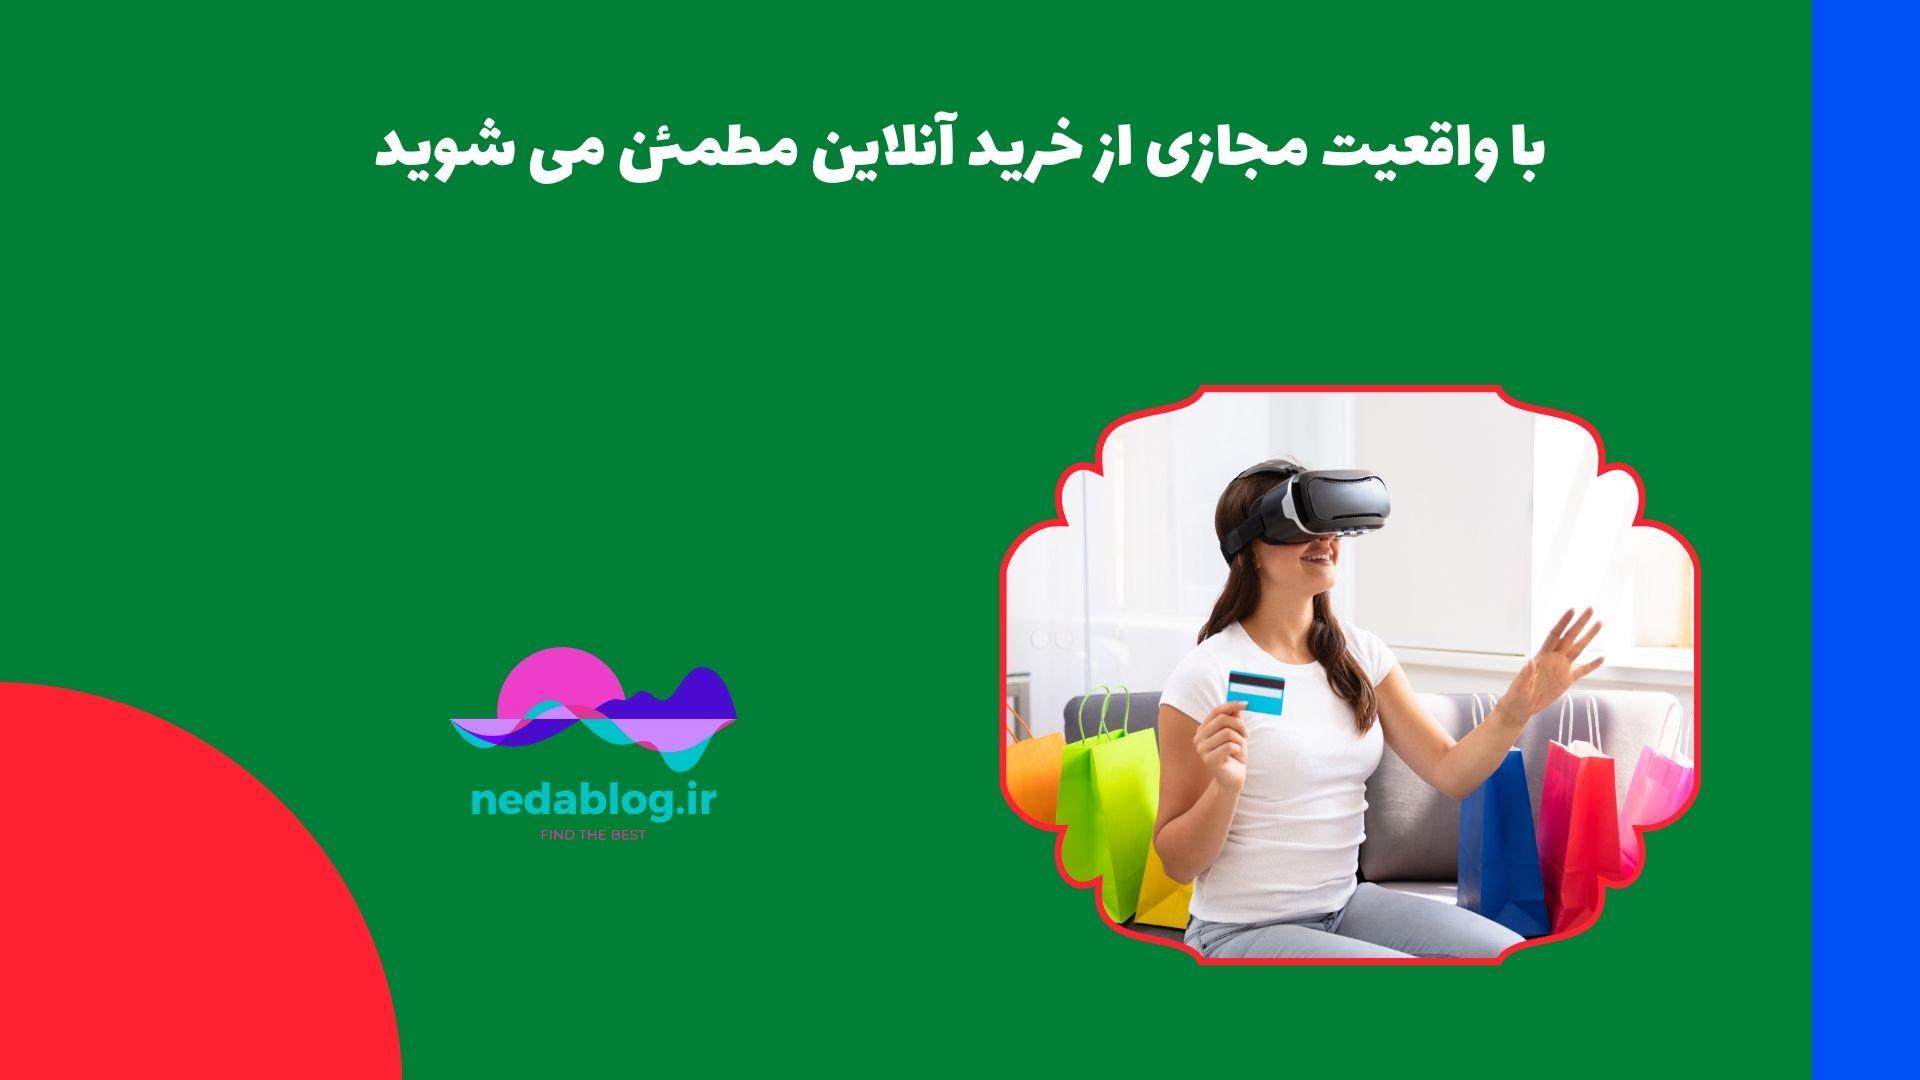 با واقعیت مجازی از خرید آنلاین مطمئن می شوید